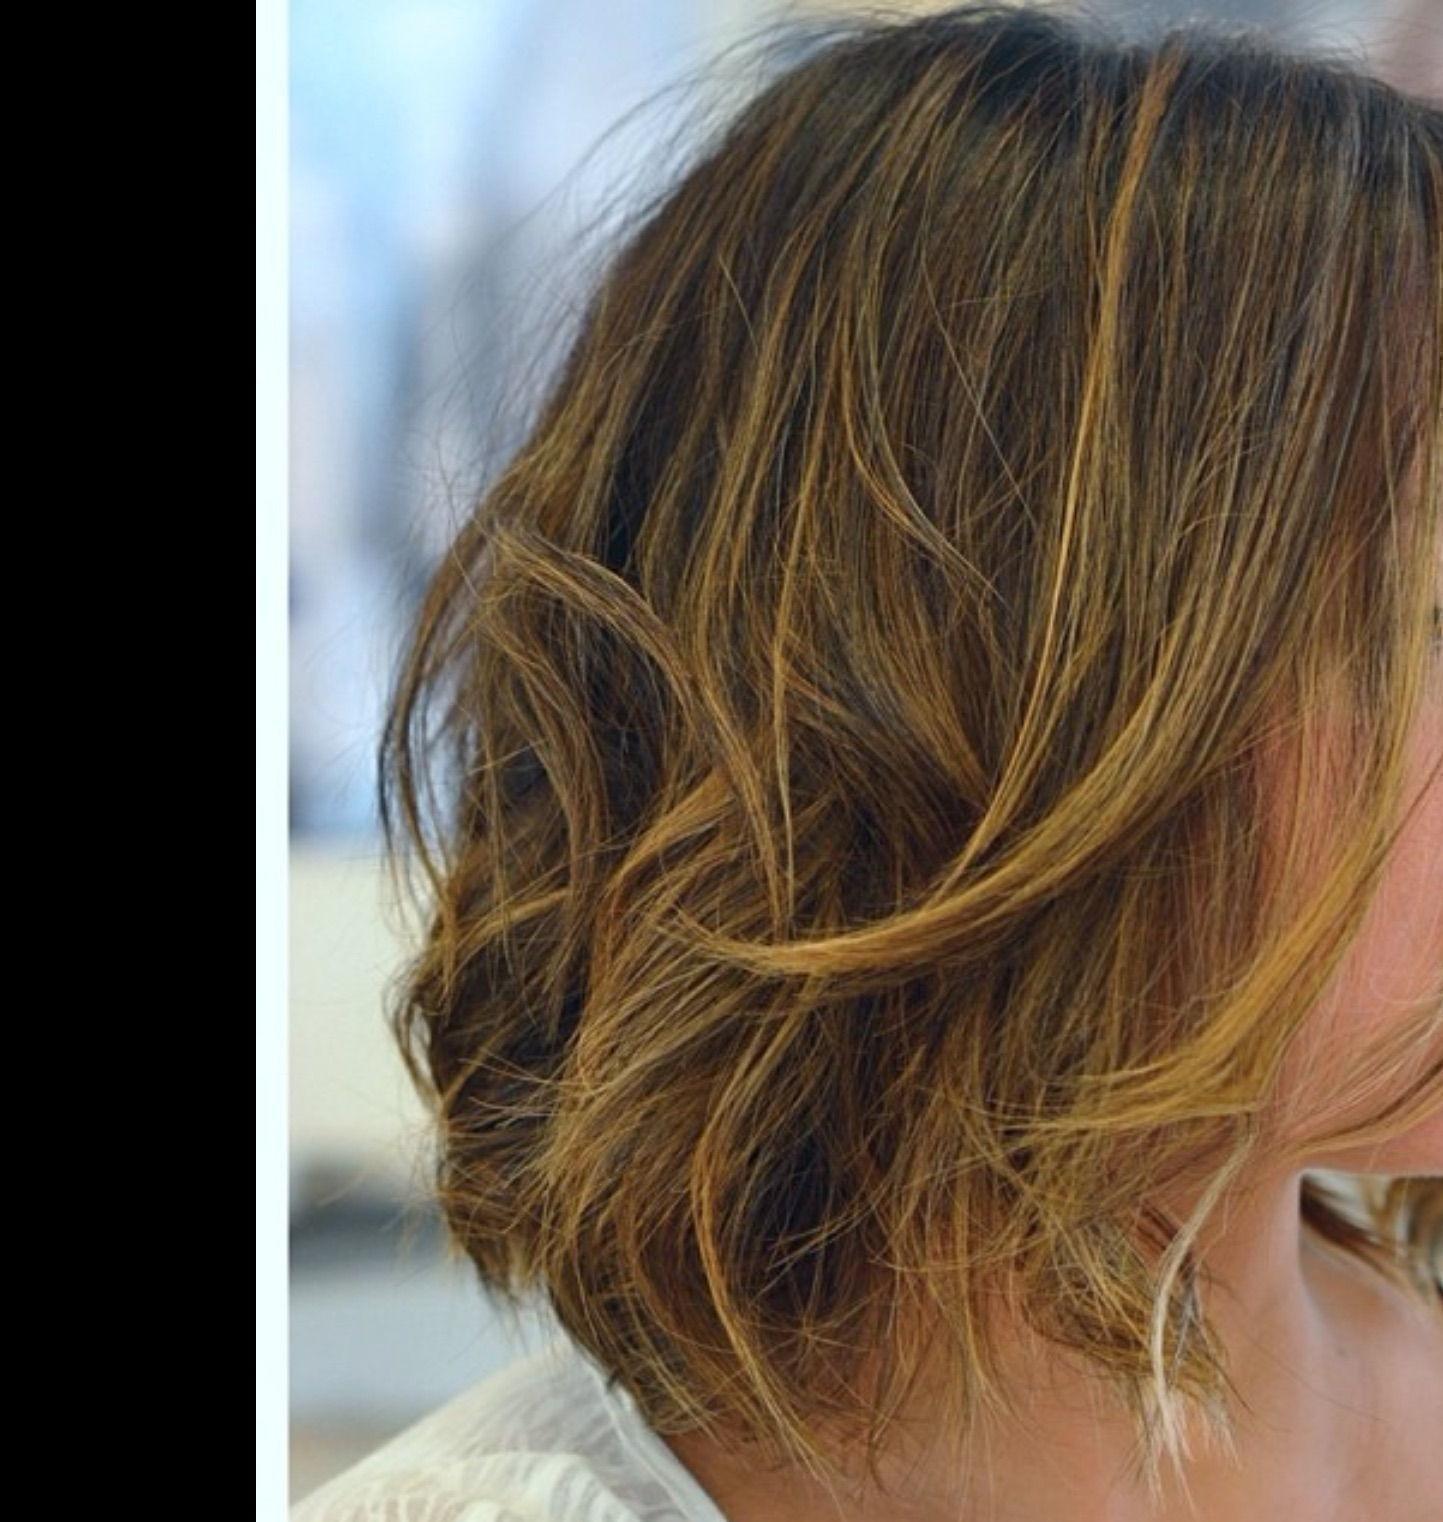 Cor , mechas e corte visagista cabeleireiro(a) micropigmentador(a)